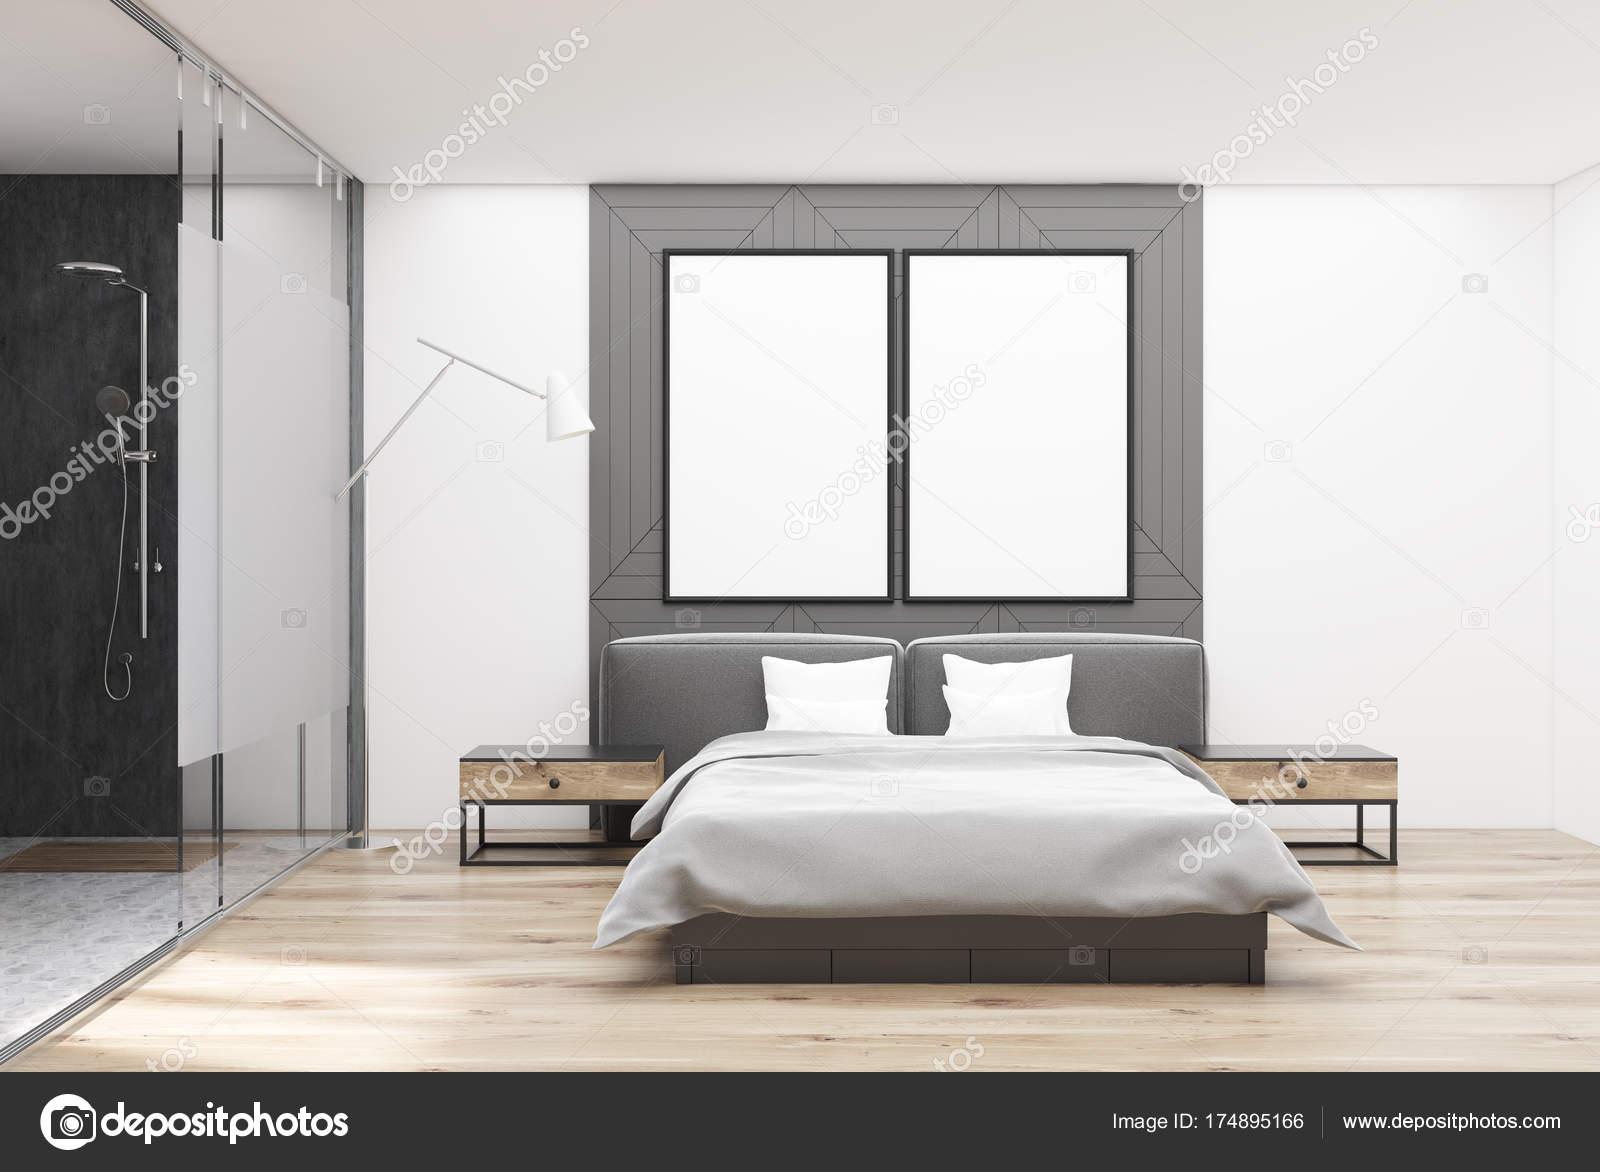 Weiss Graues Schlafzimmer Poster Stockfotografie Lizenzfreie Fotos C Denisismagilov 174895166 Depositphotos